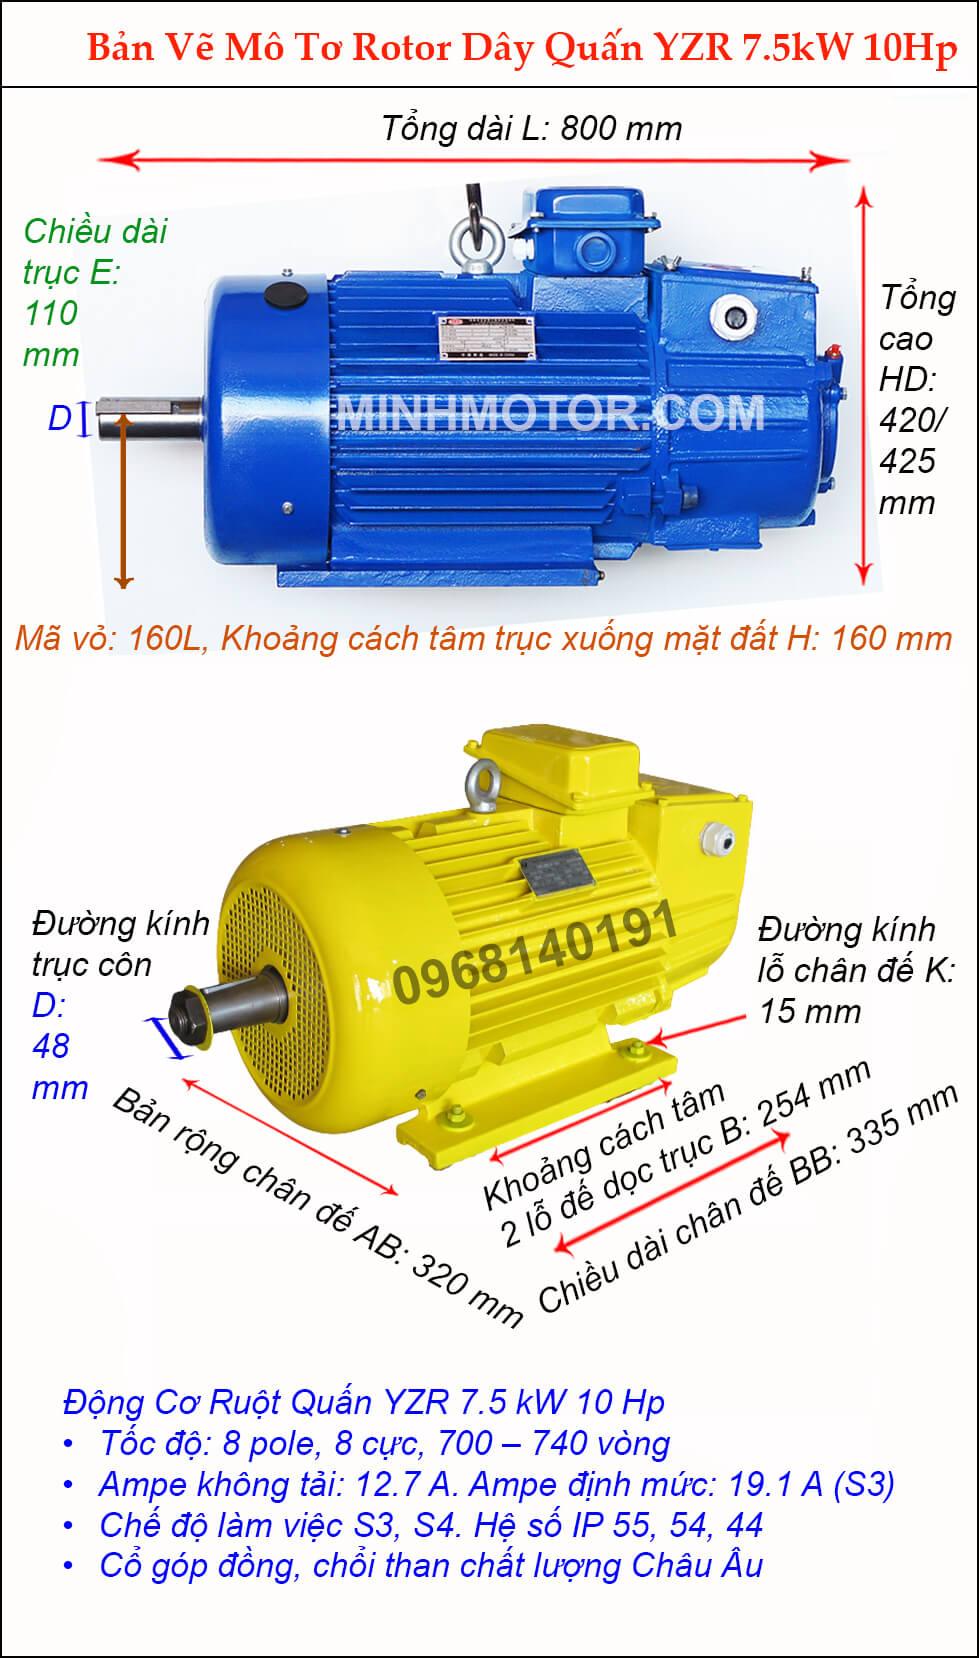 Motor ruột quấn 7.5 kw 10 HP 8 cực điện